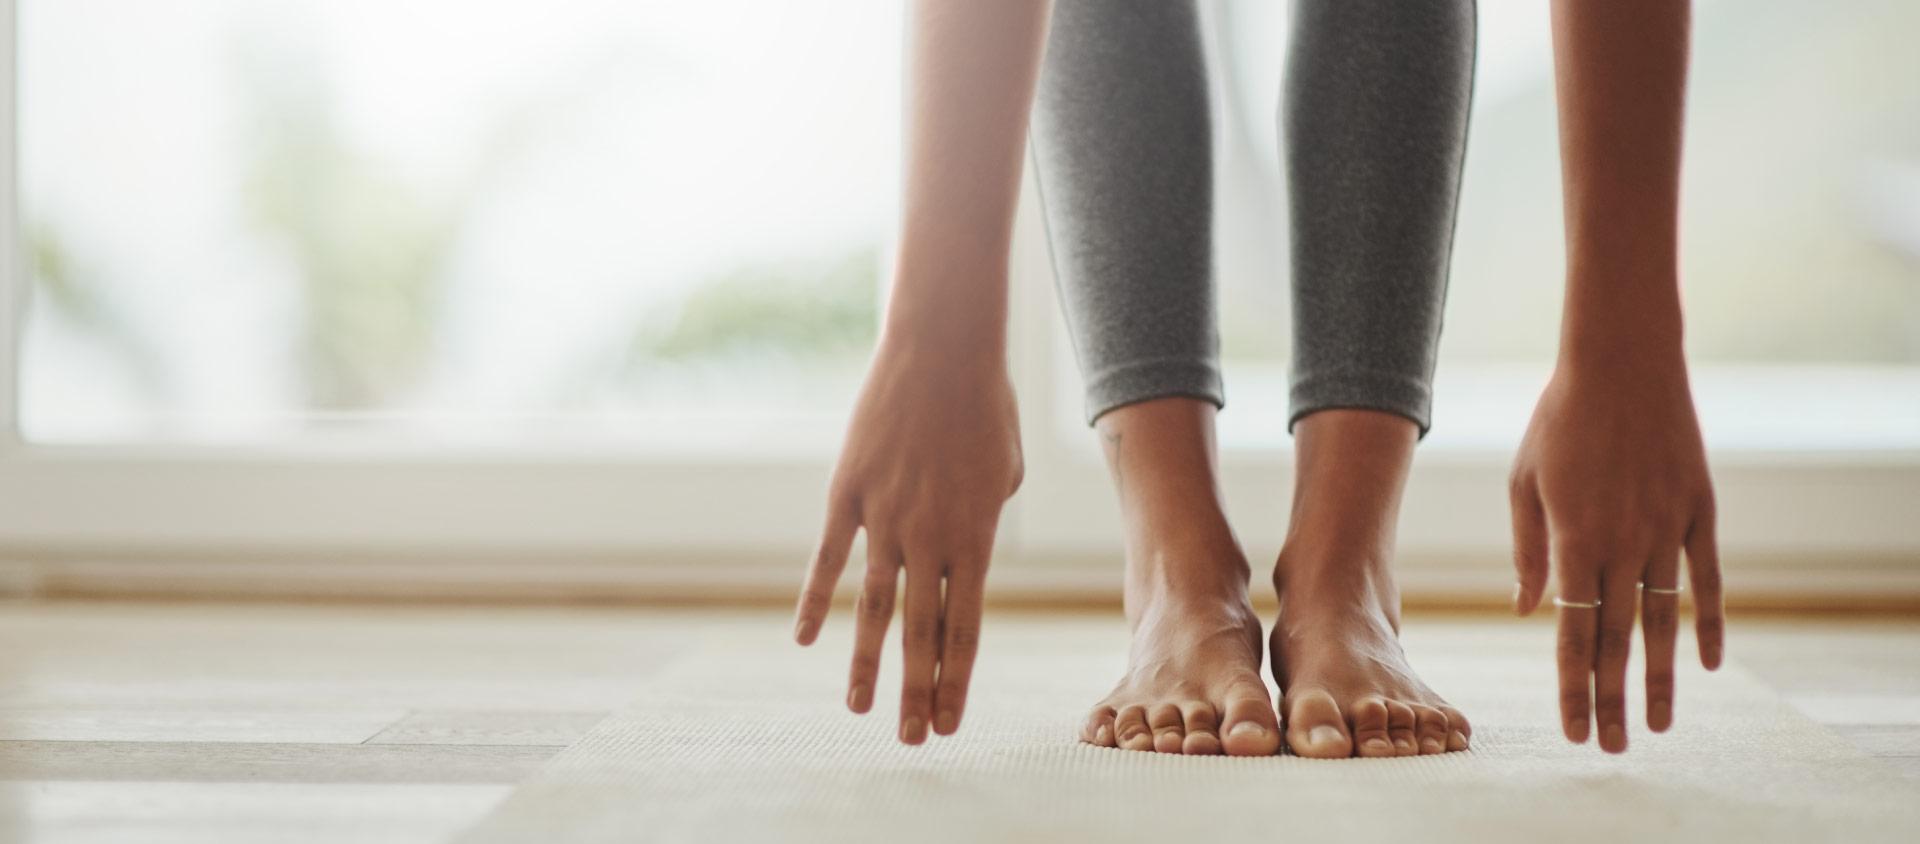 Usuários de planos de saúde se preocupam mais com o bem-estar